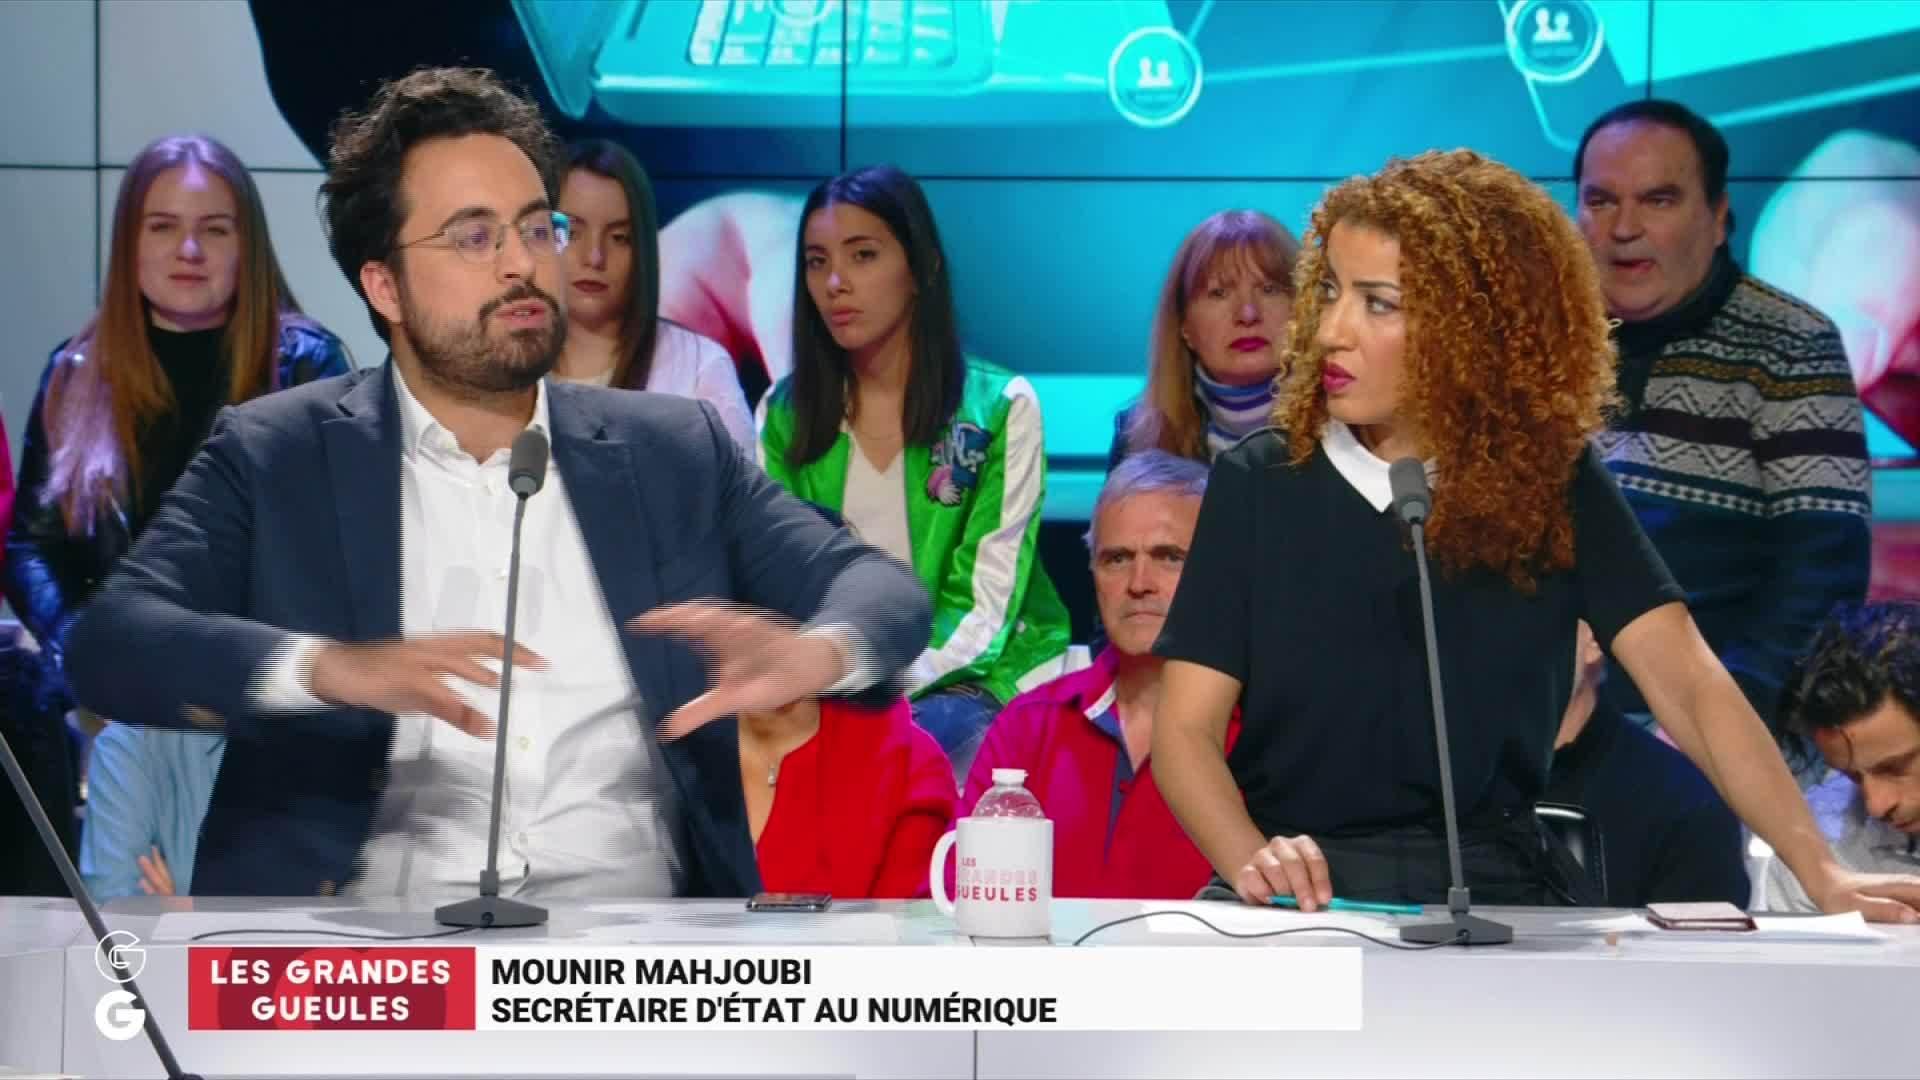 Mounir Mahjoubi candidat à la mairie de Paris